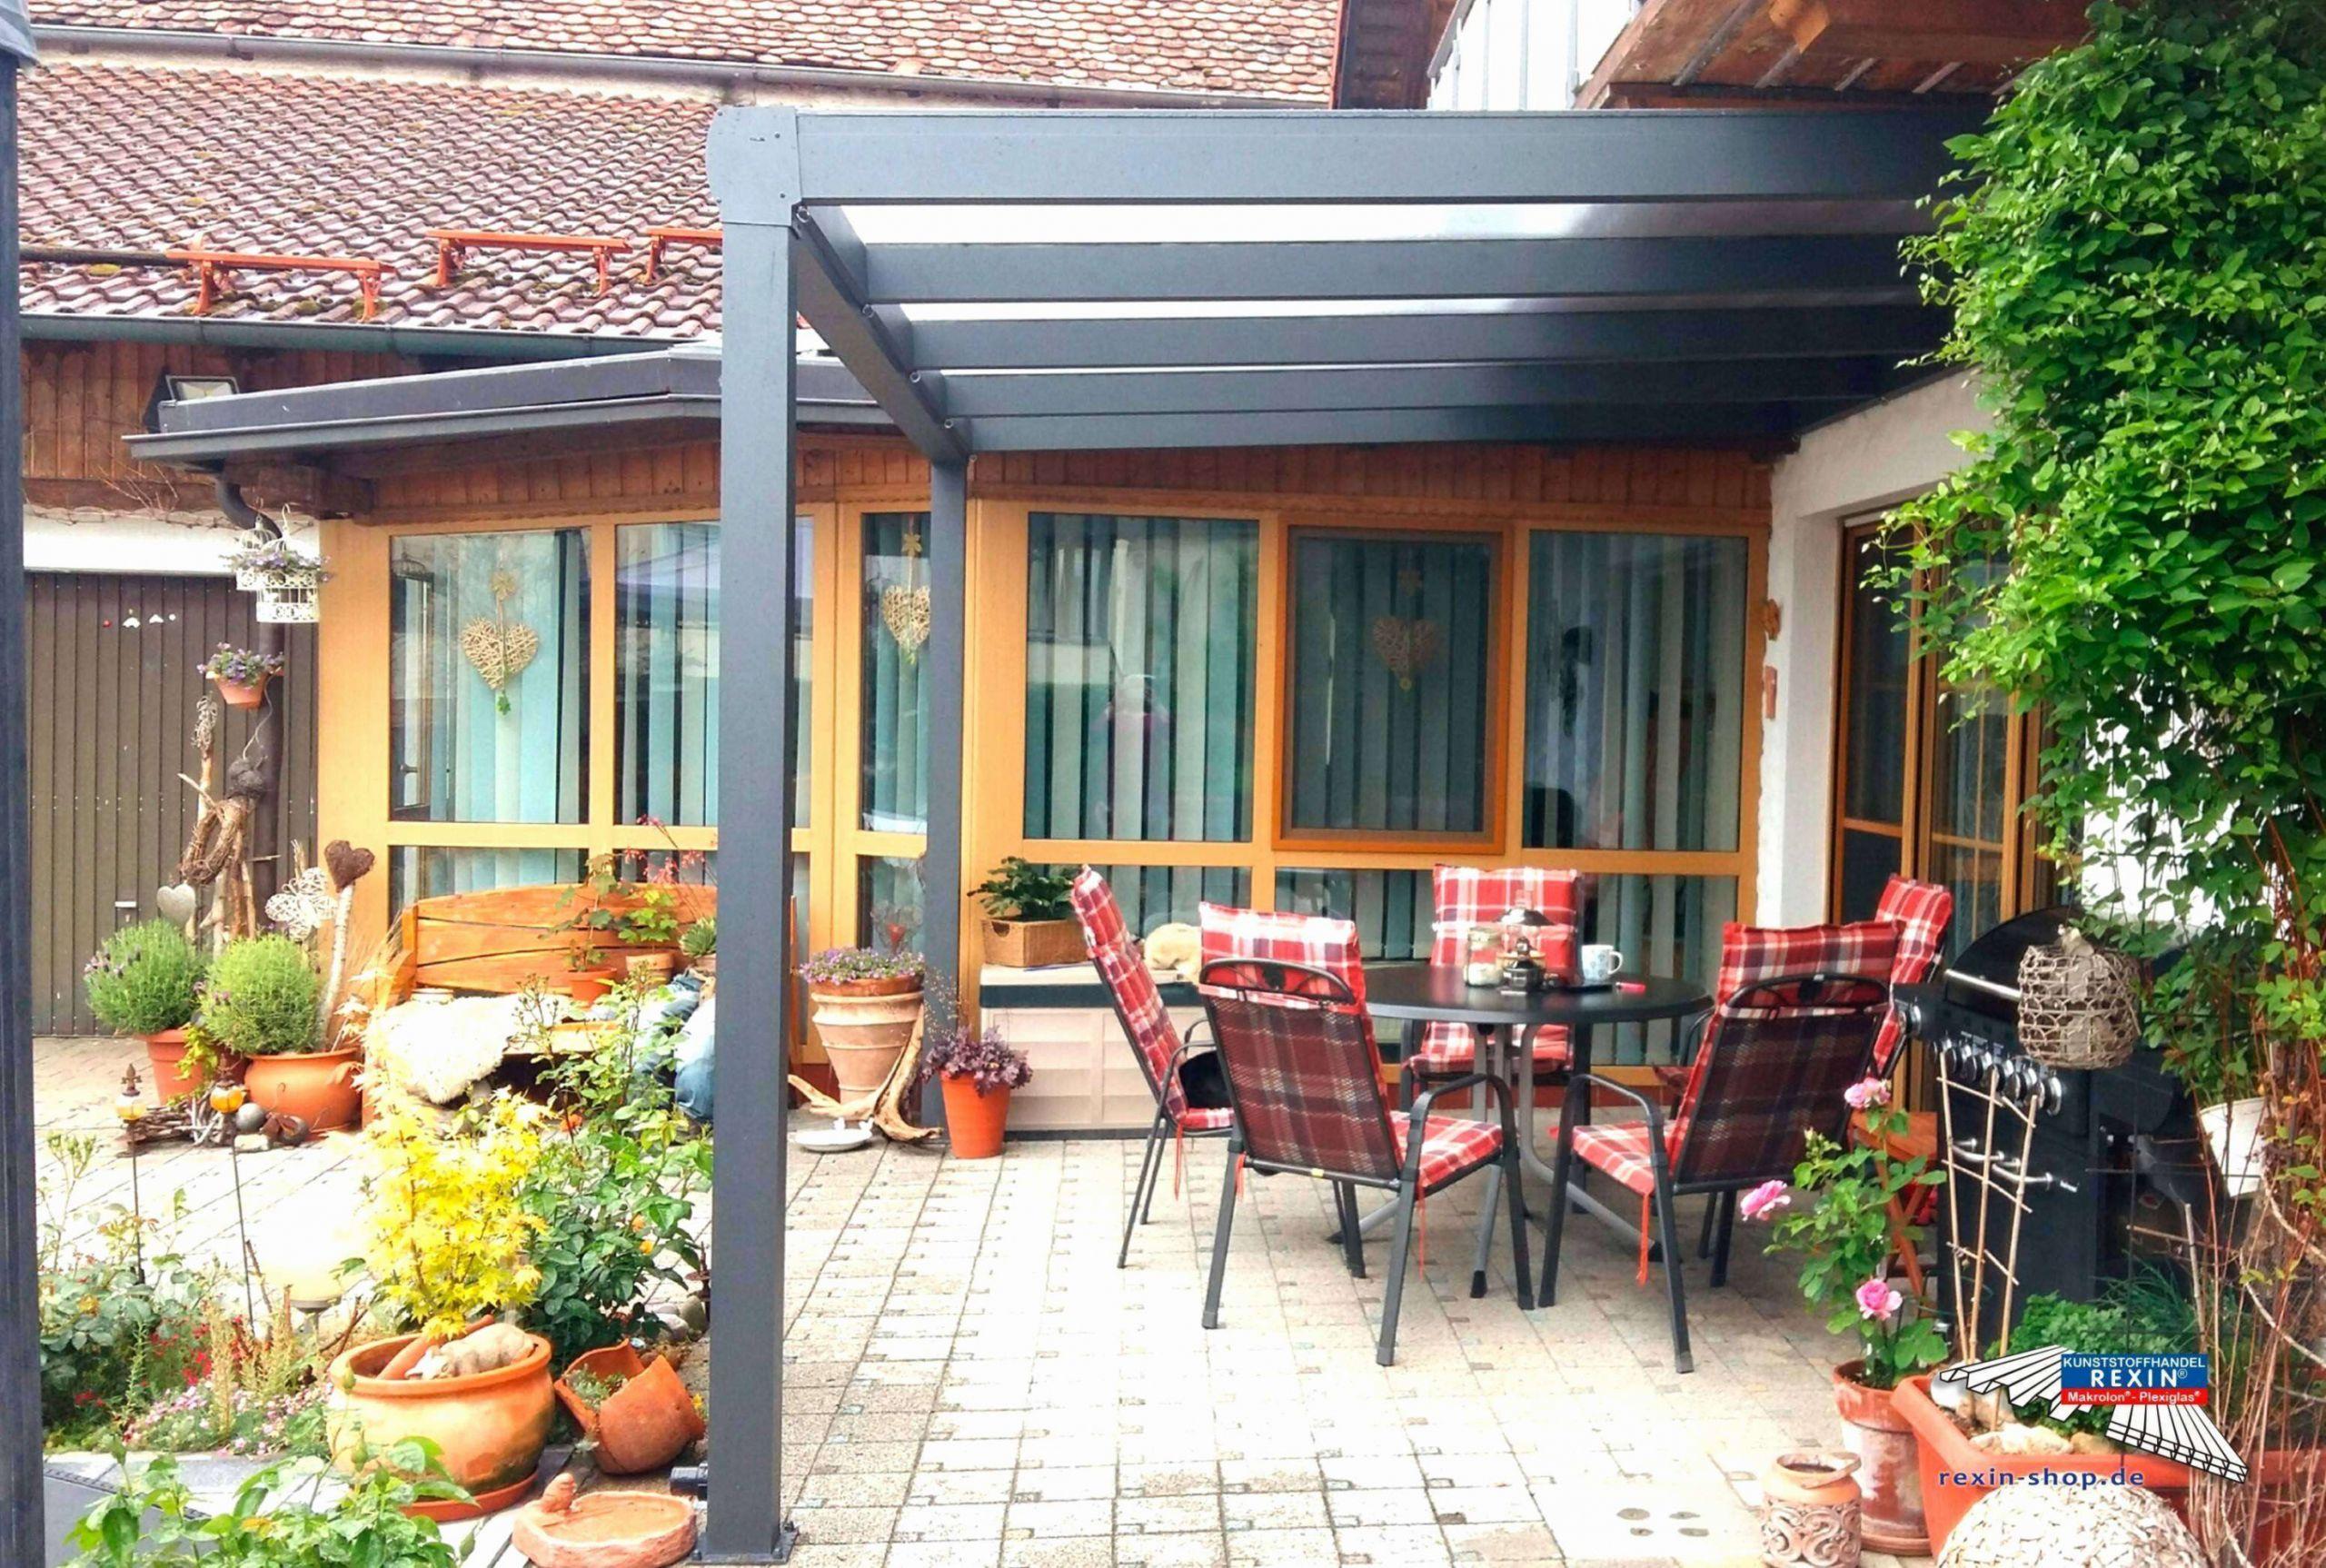 45 schon wasserspiel garten bild terrassengestaltung mit wasserspiel terrassengestaltung mit wasserspiel 1